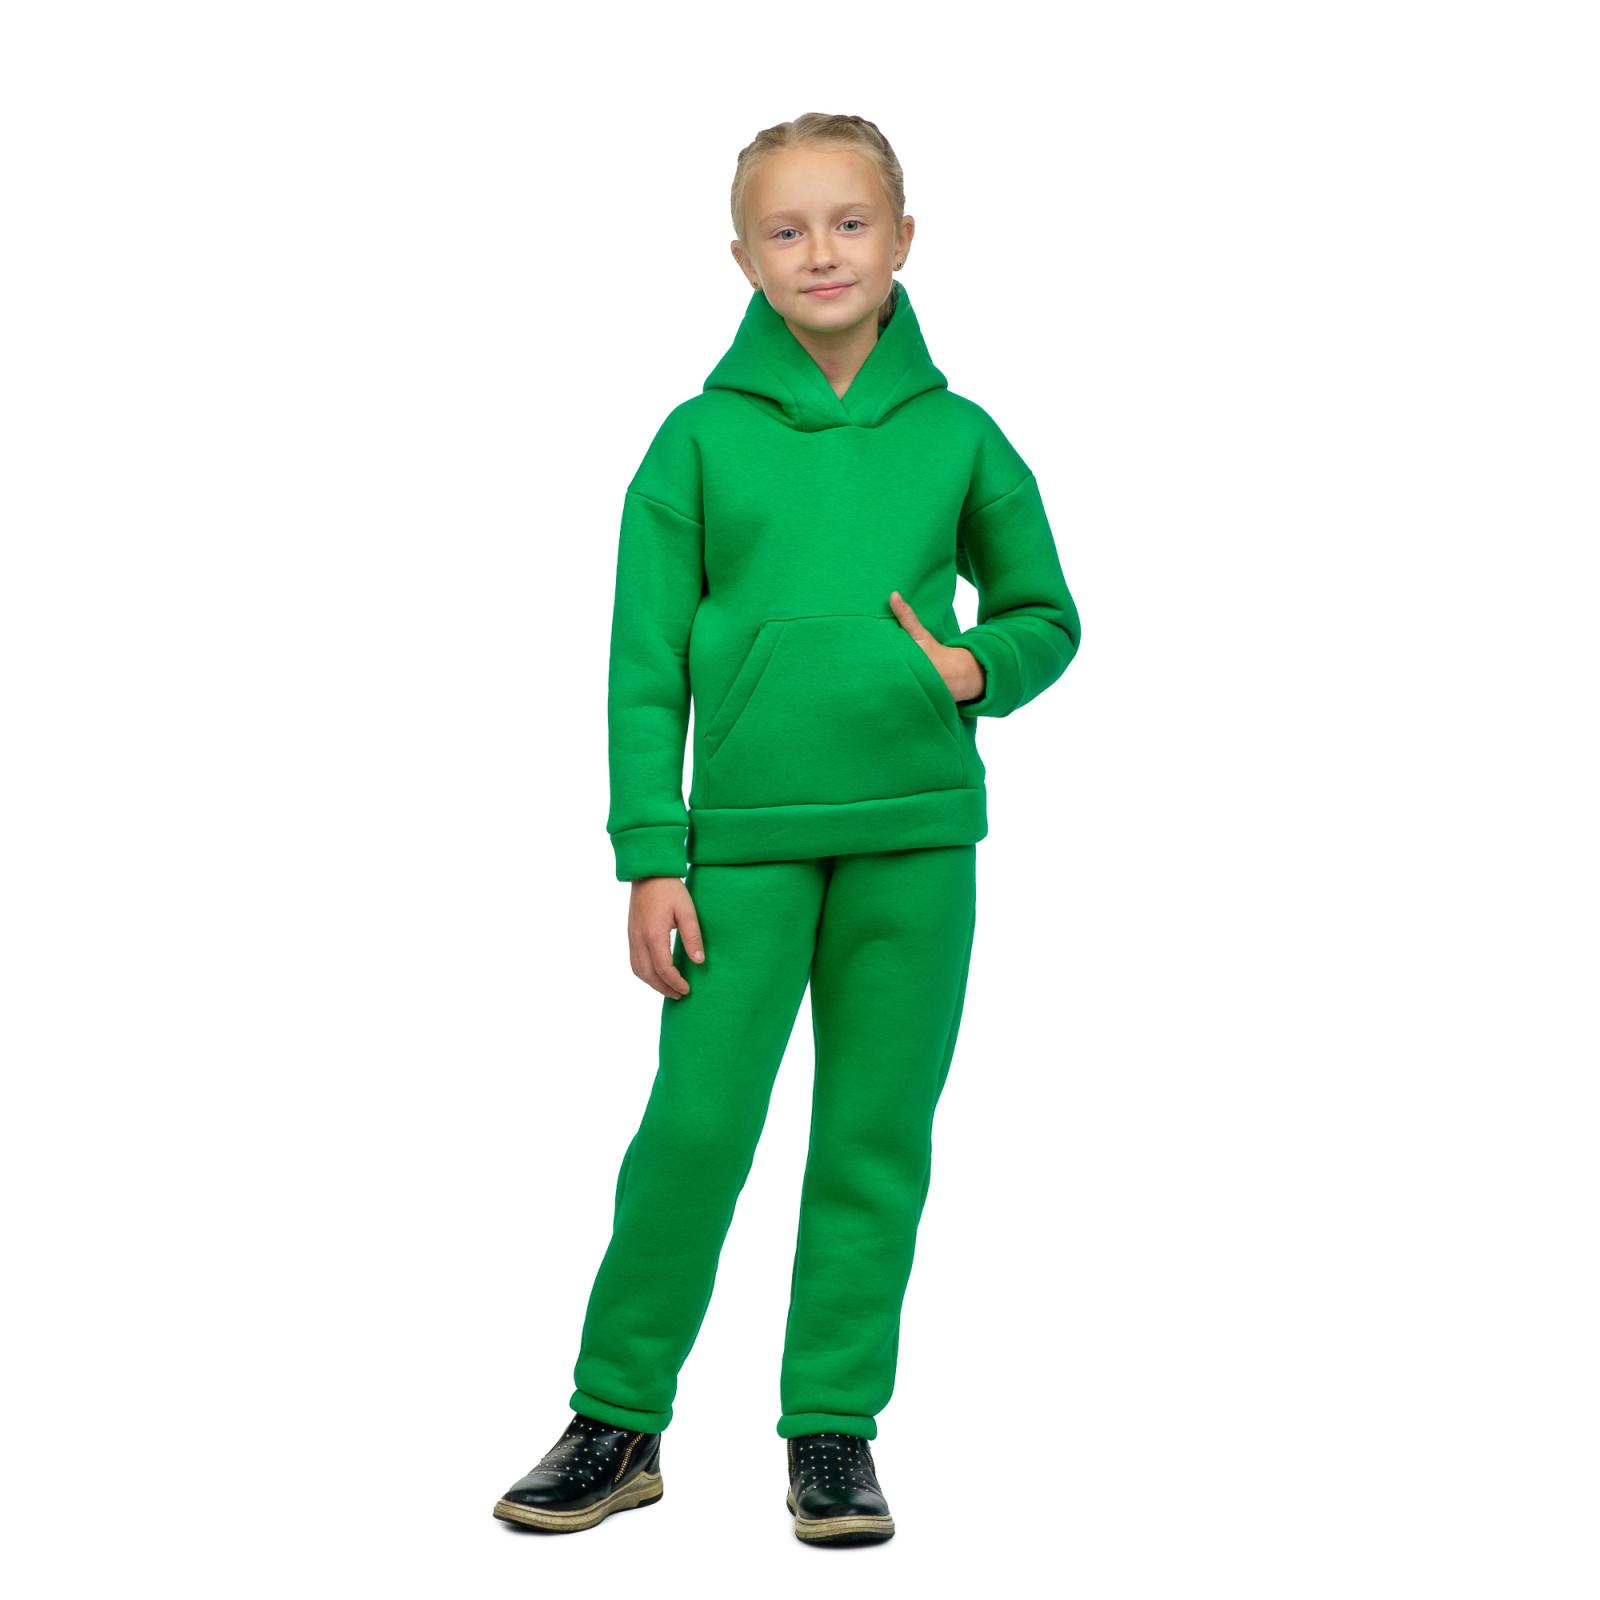 Костюм детский с начёсом Зелёный (худи + брюки) Д-0021З